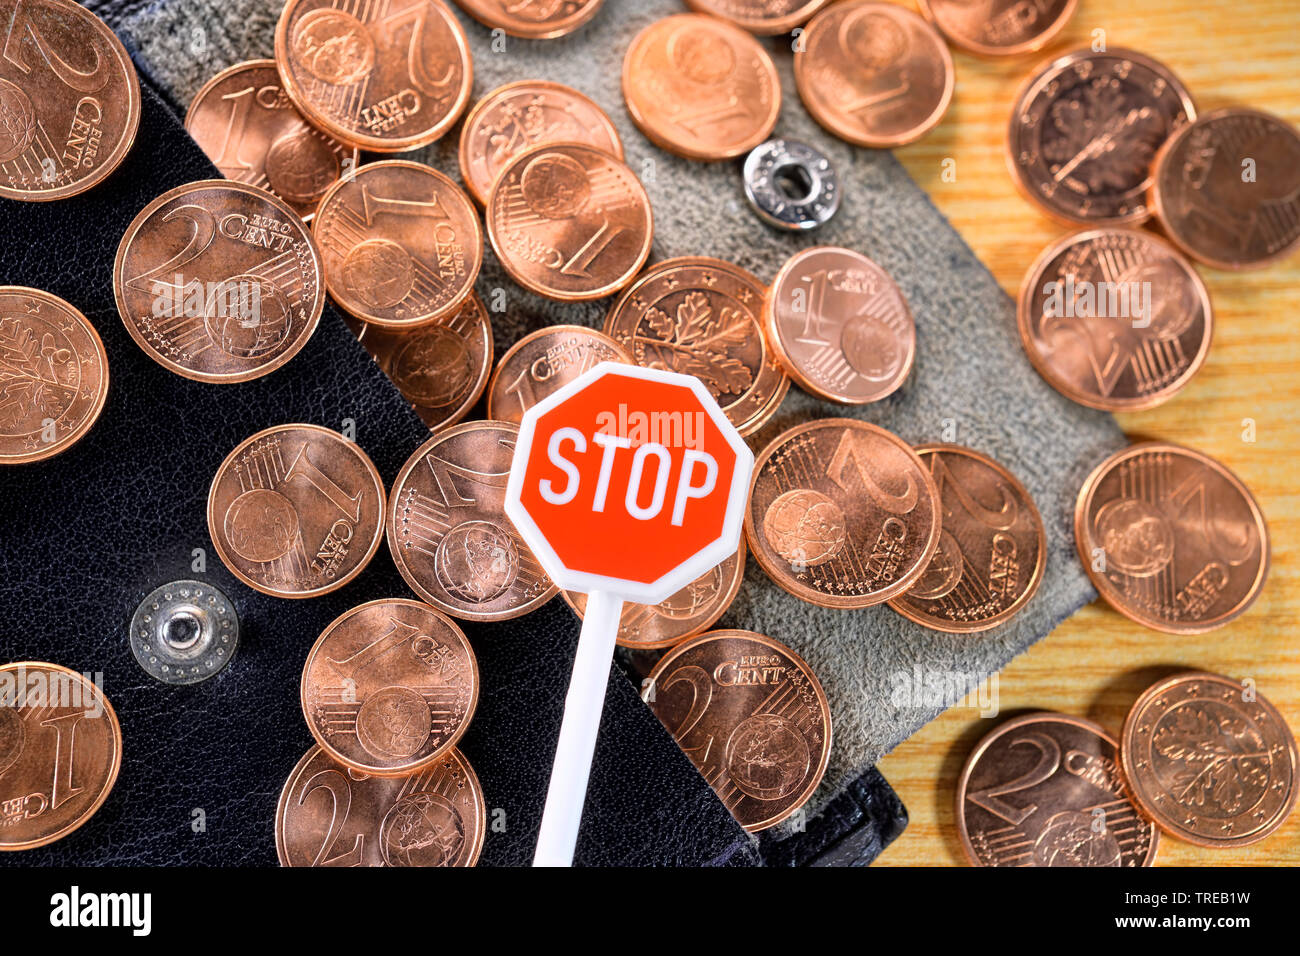 1- und 2-Centmuenzen mit einem Miniatur-Stopschild - Diskussion ueber Abschaffung von Kleingeld   1 and 2 Cent coins with a miniature stop sign - disc - Stock Image